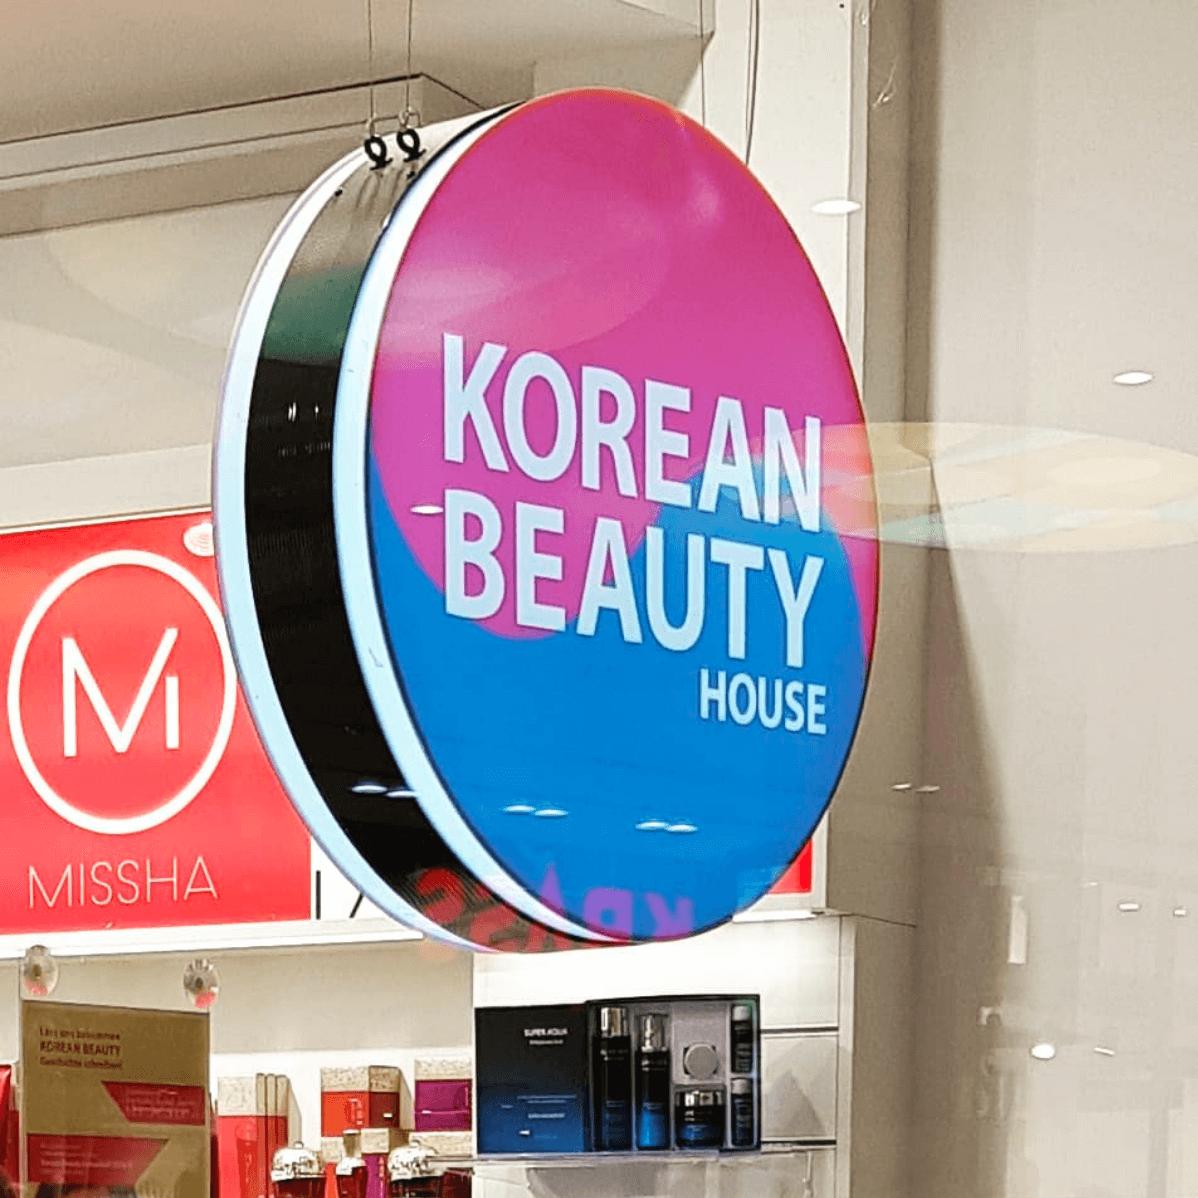 Der eine Wirkstoff, der koreanische Pflege so gut macht